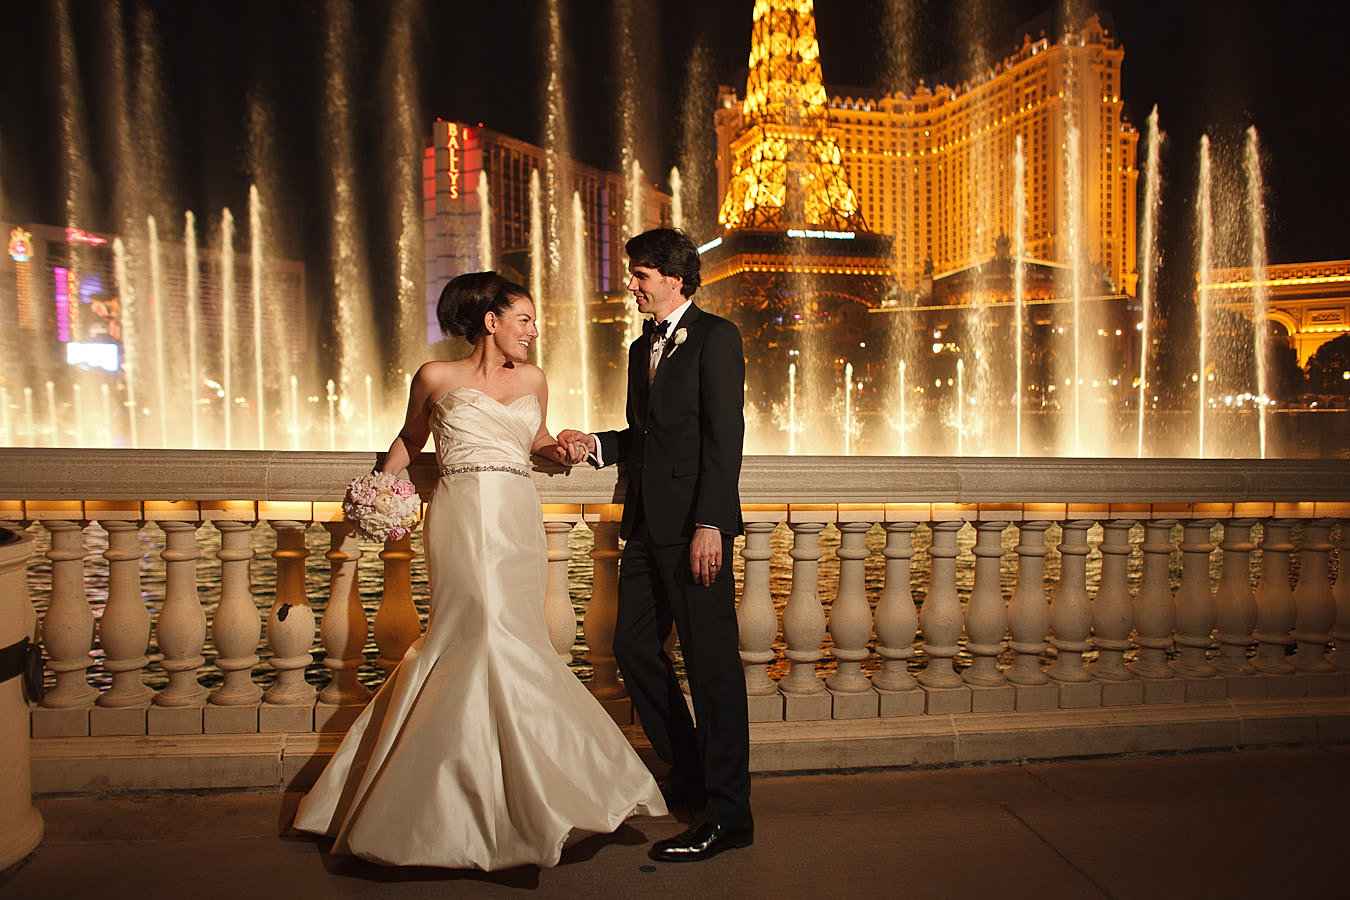 Paris casino wedding isle of capri hotel and casino